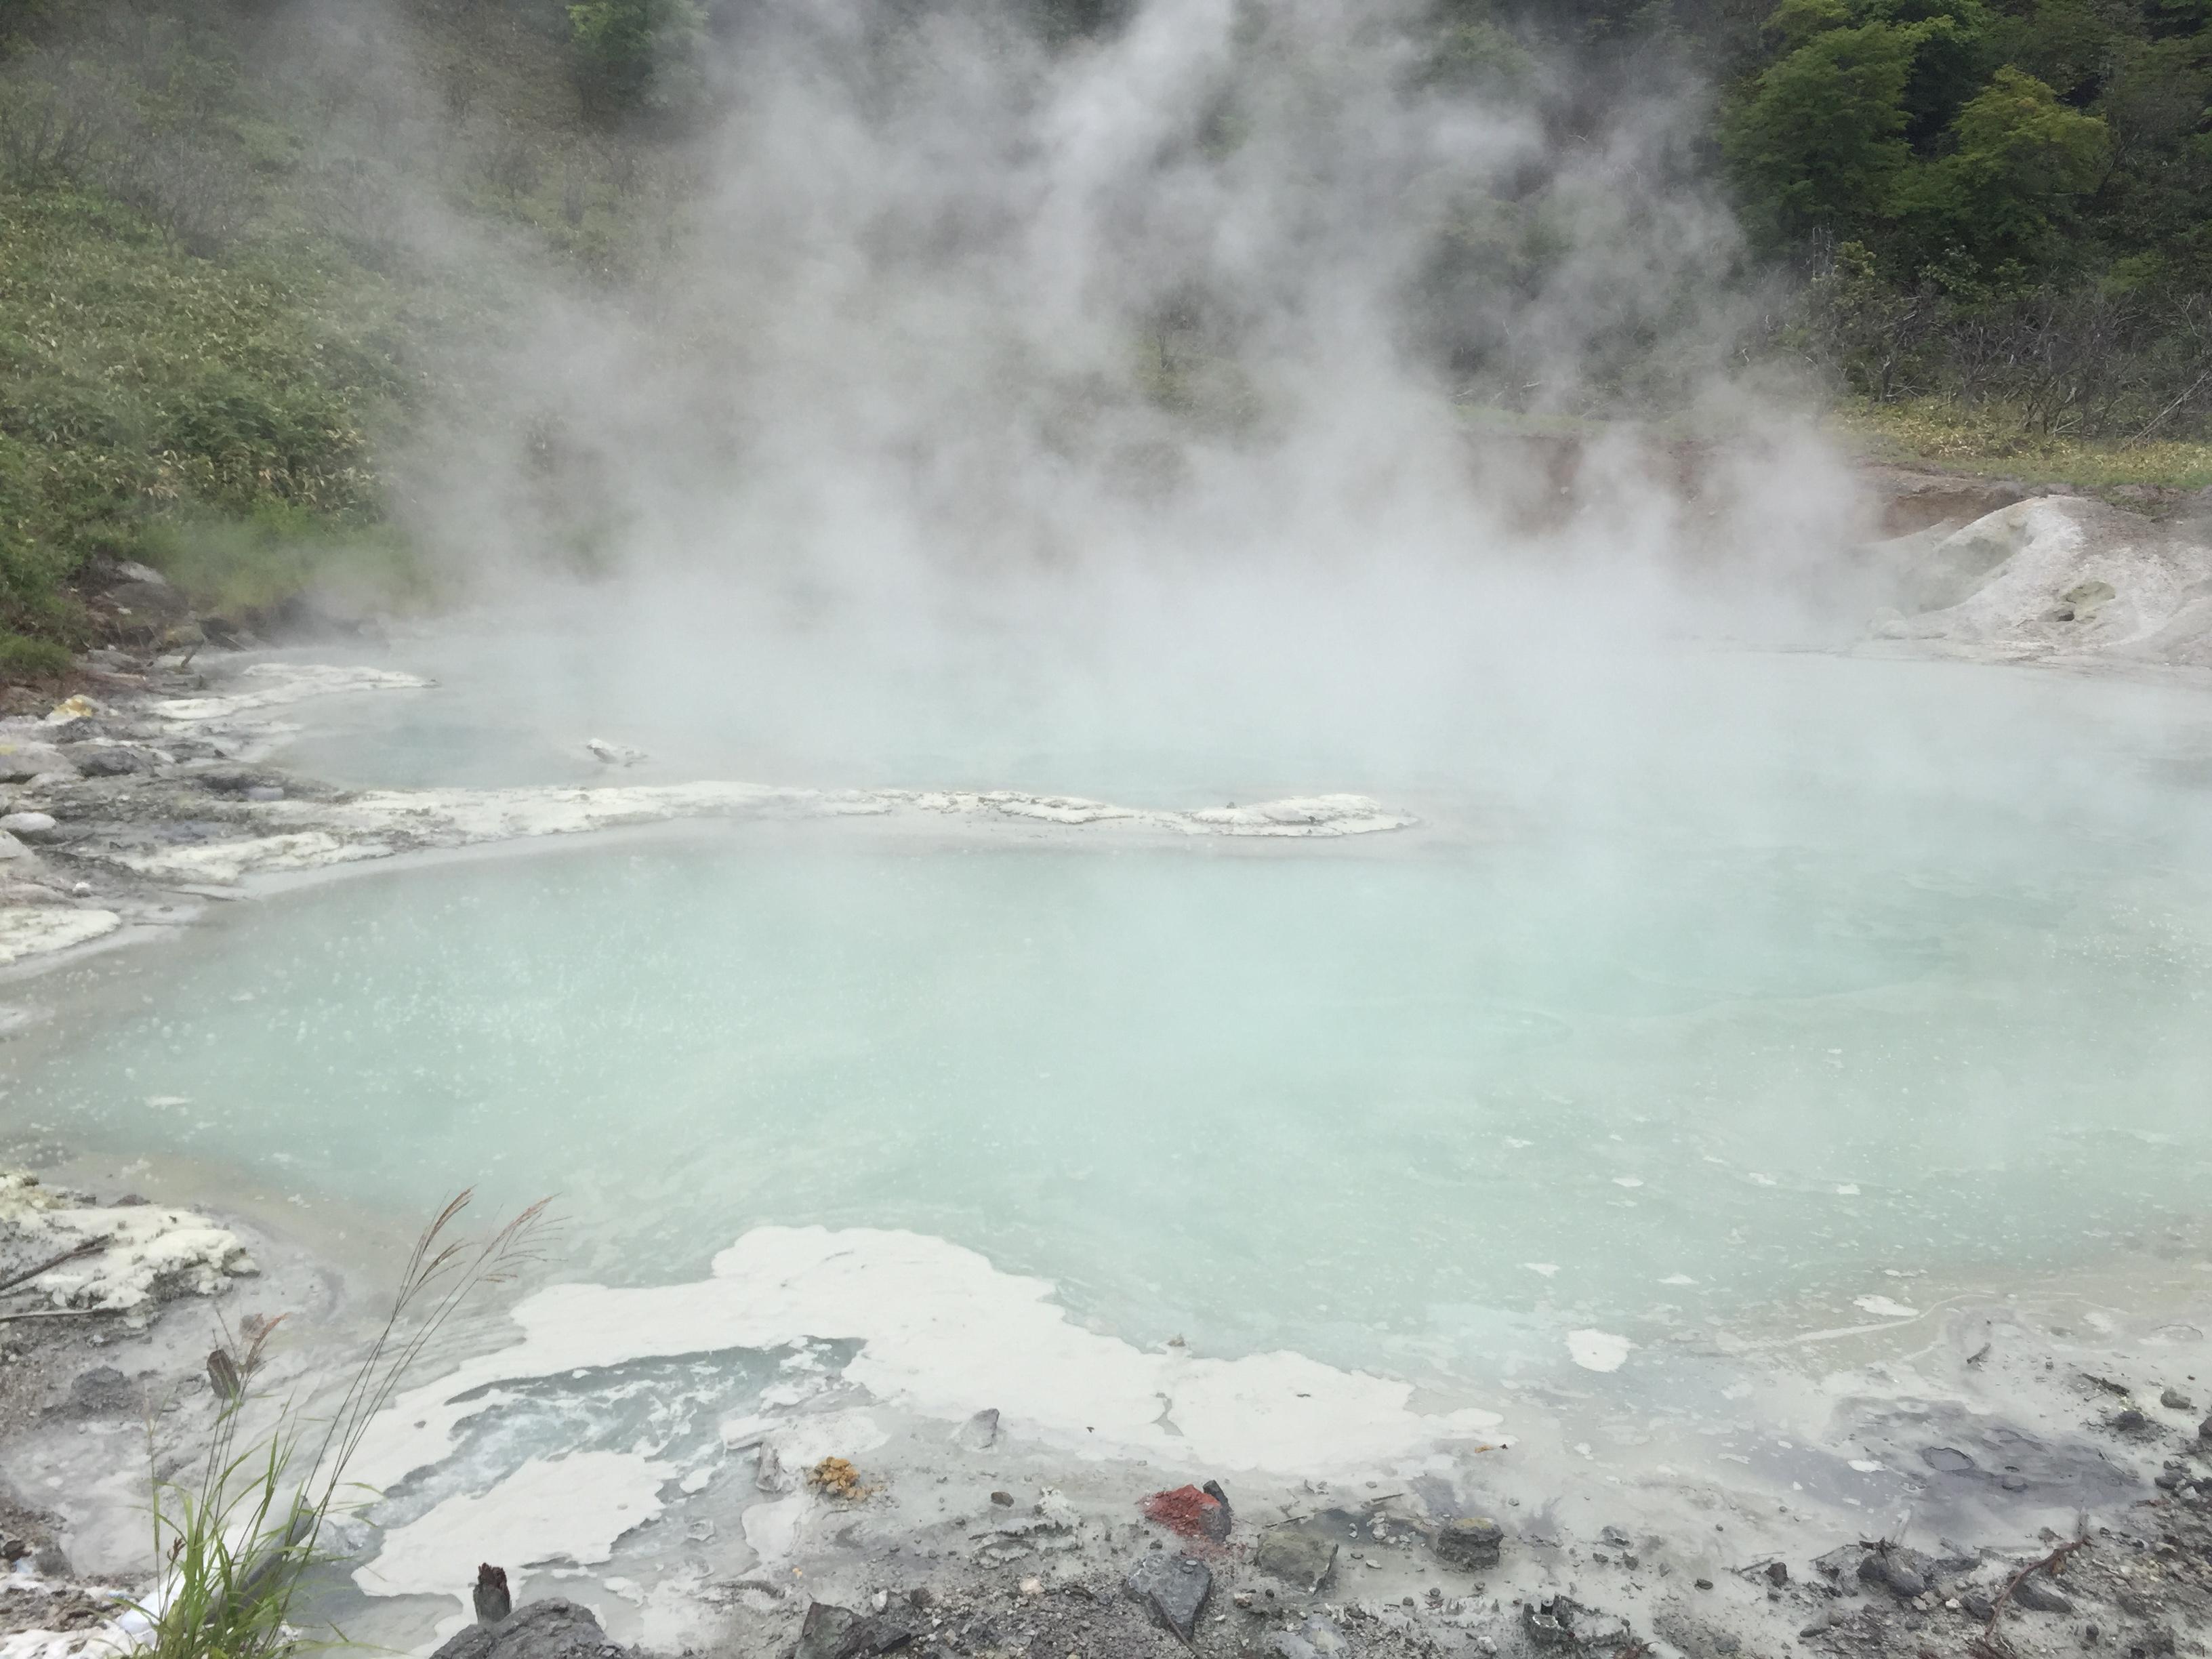 【登別温泉 大湯沼】 駐車場券が共通なので、登別温泉地獄谷とセットでまわりましょう! 火山ガスが強烈で臭い~!